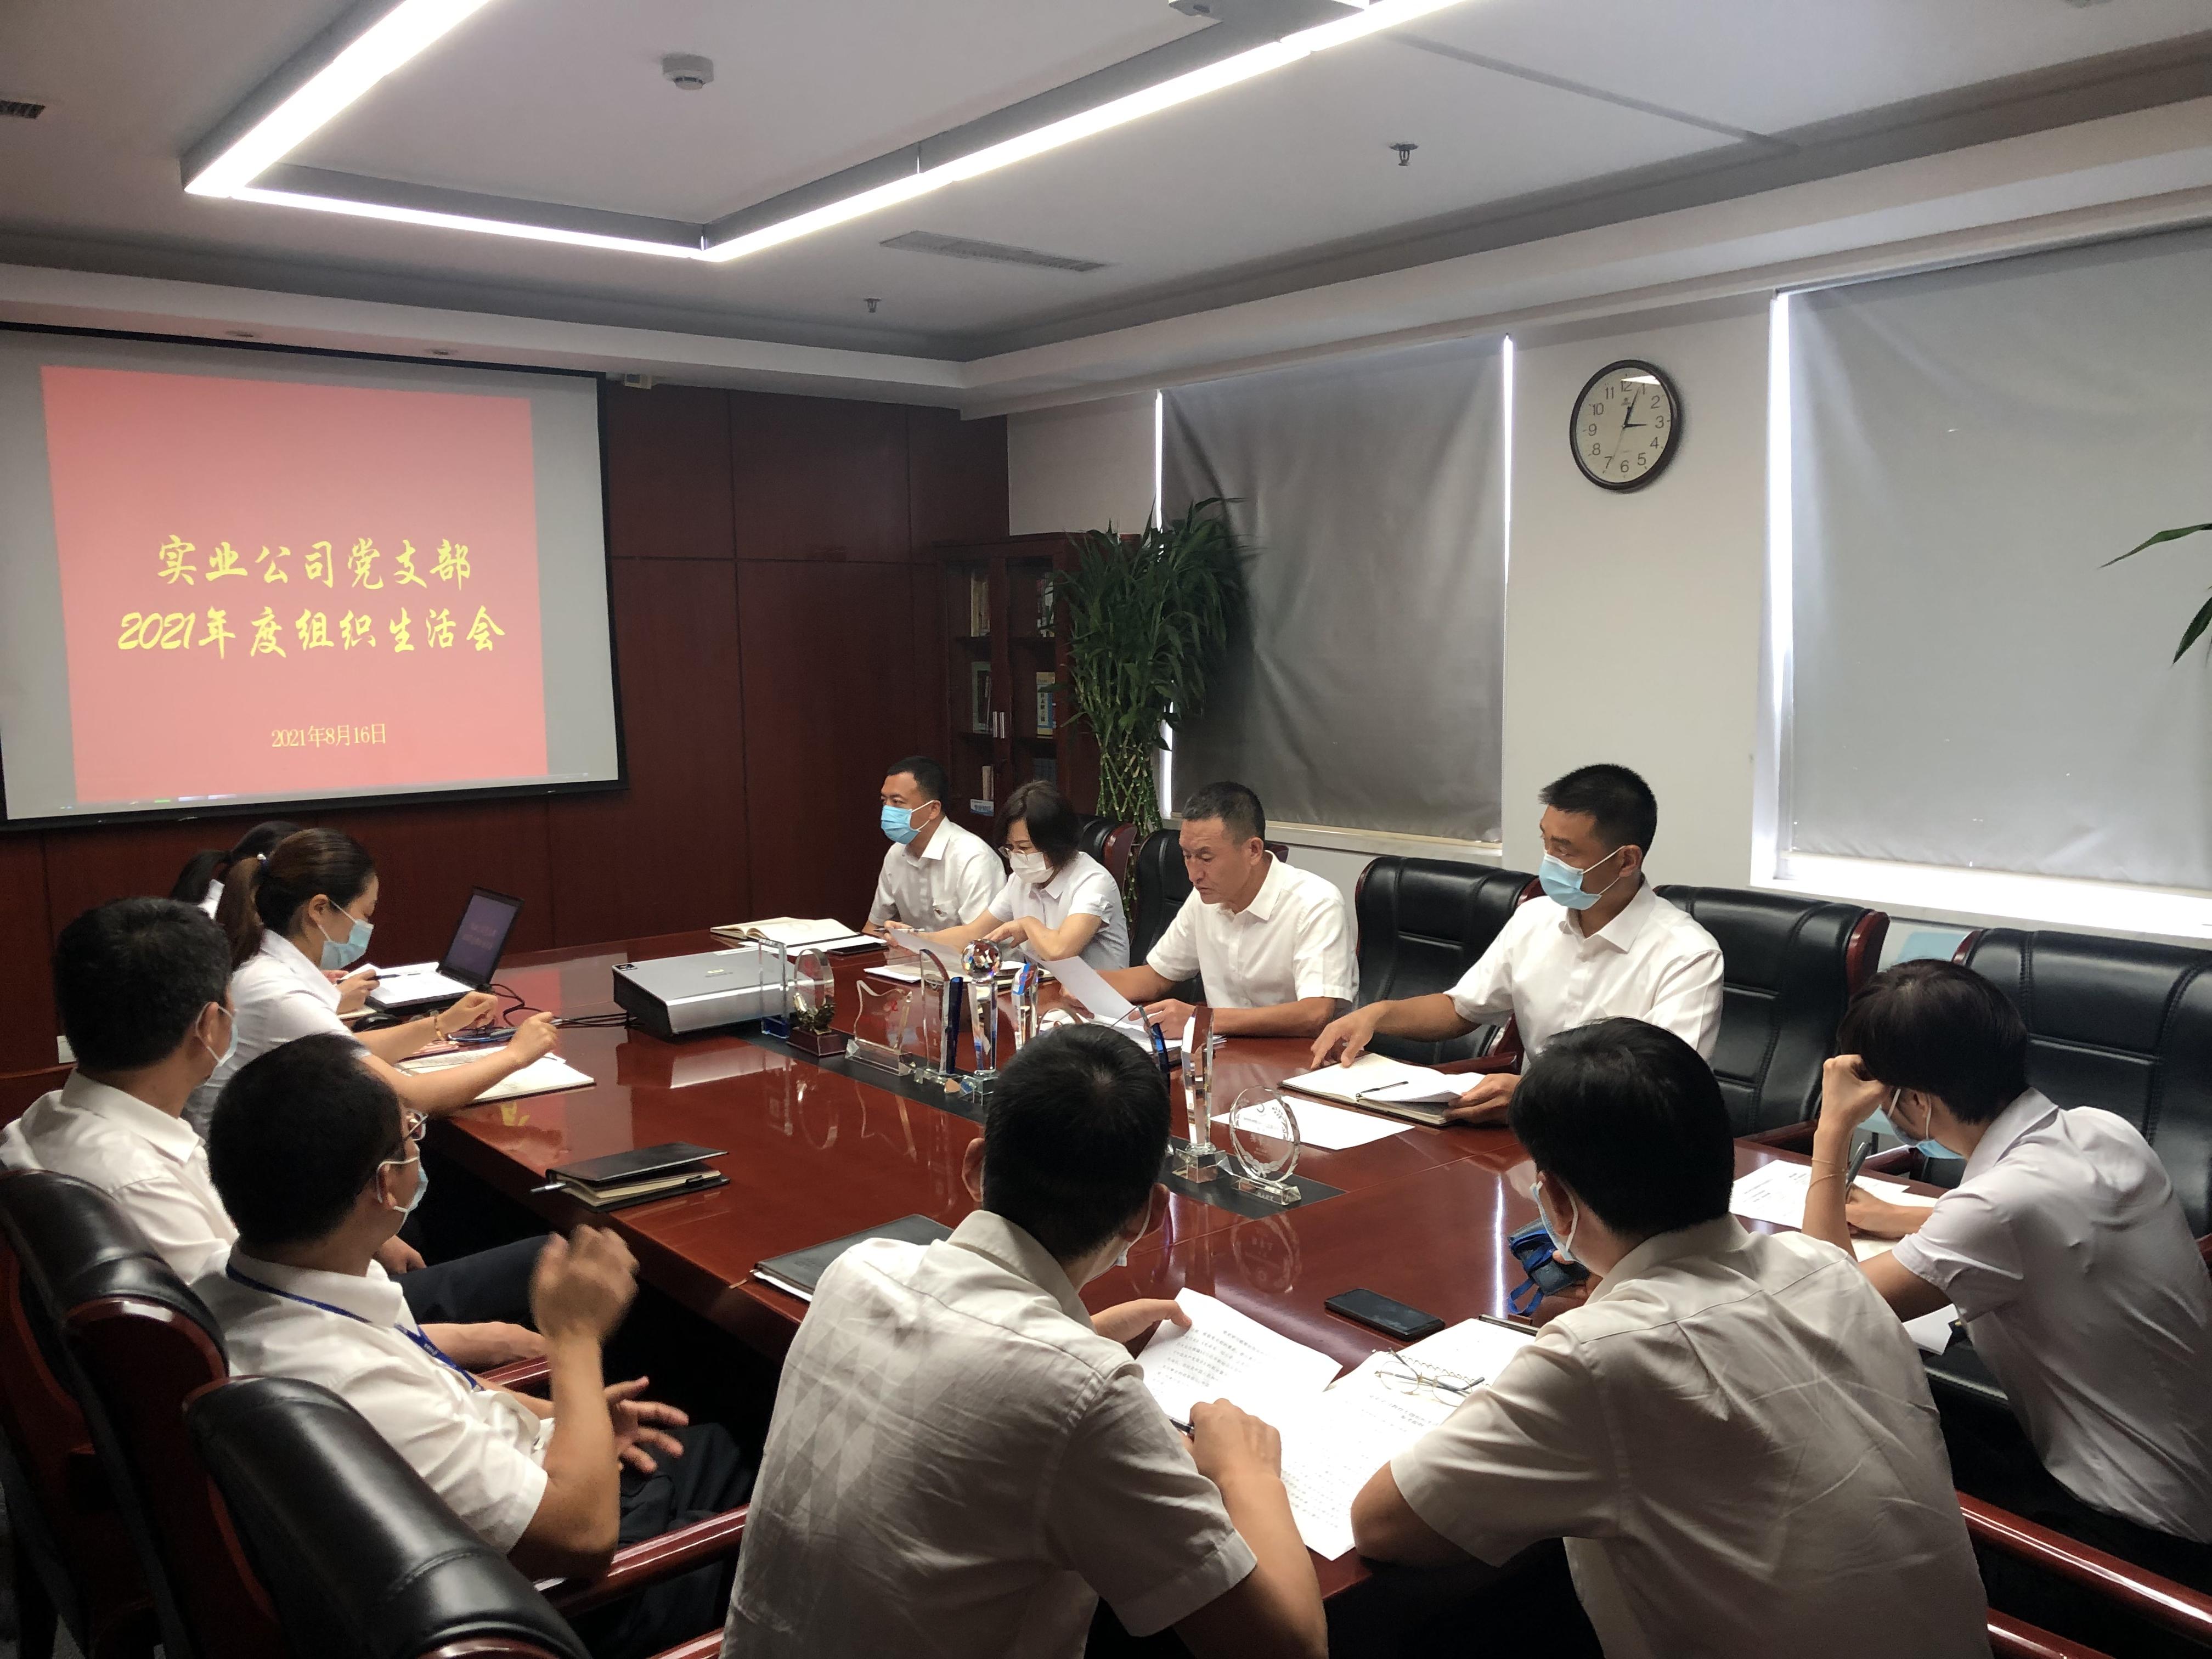 实业公司党支部召开党史学习教育专题组织生活会